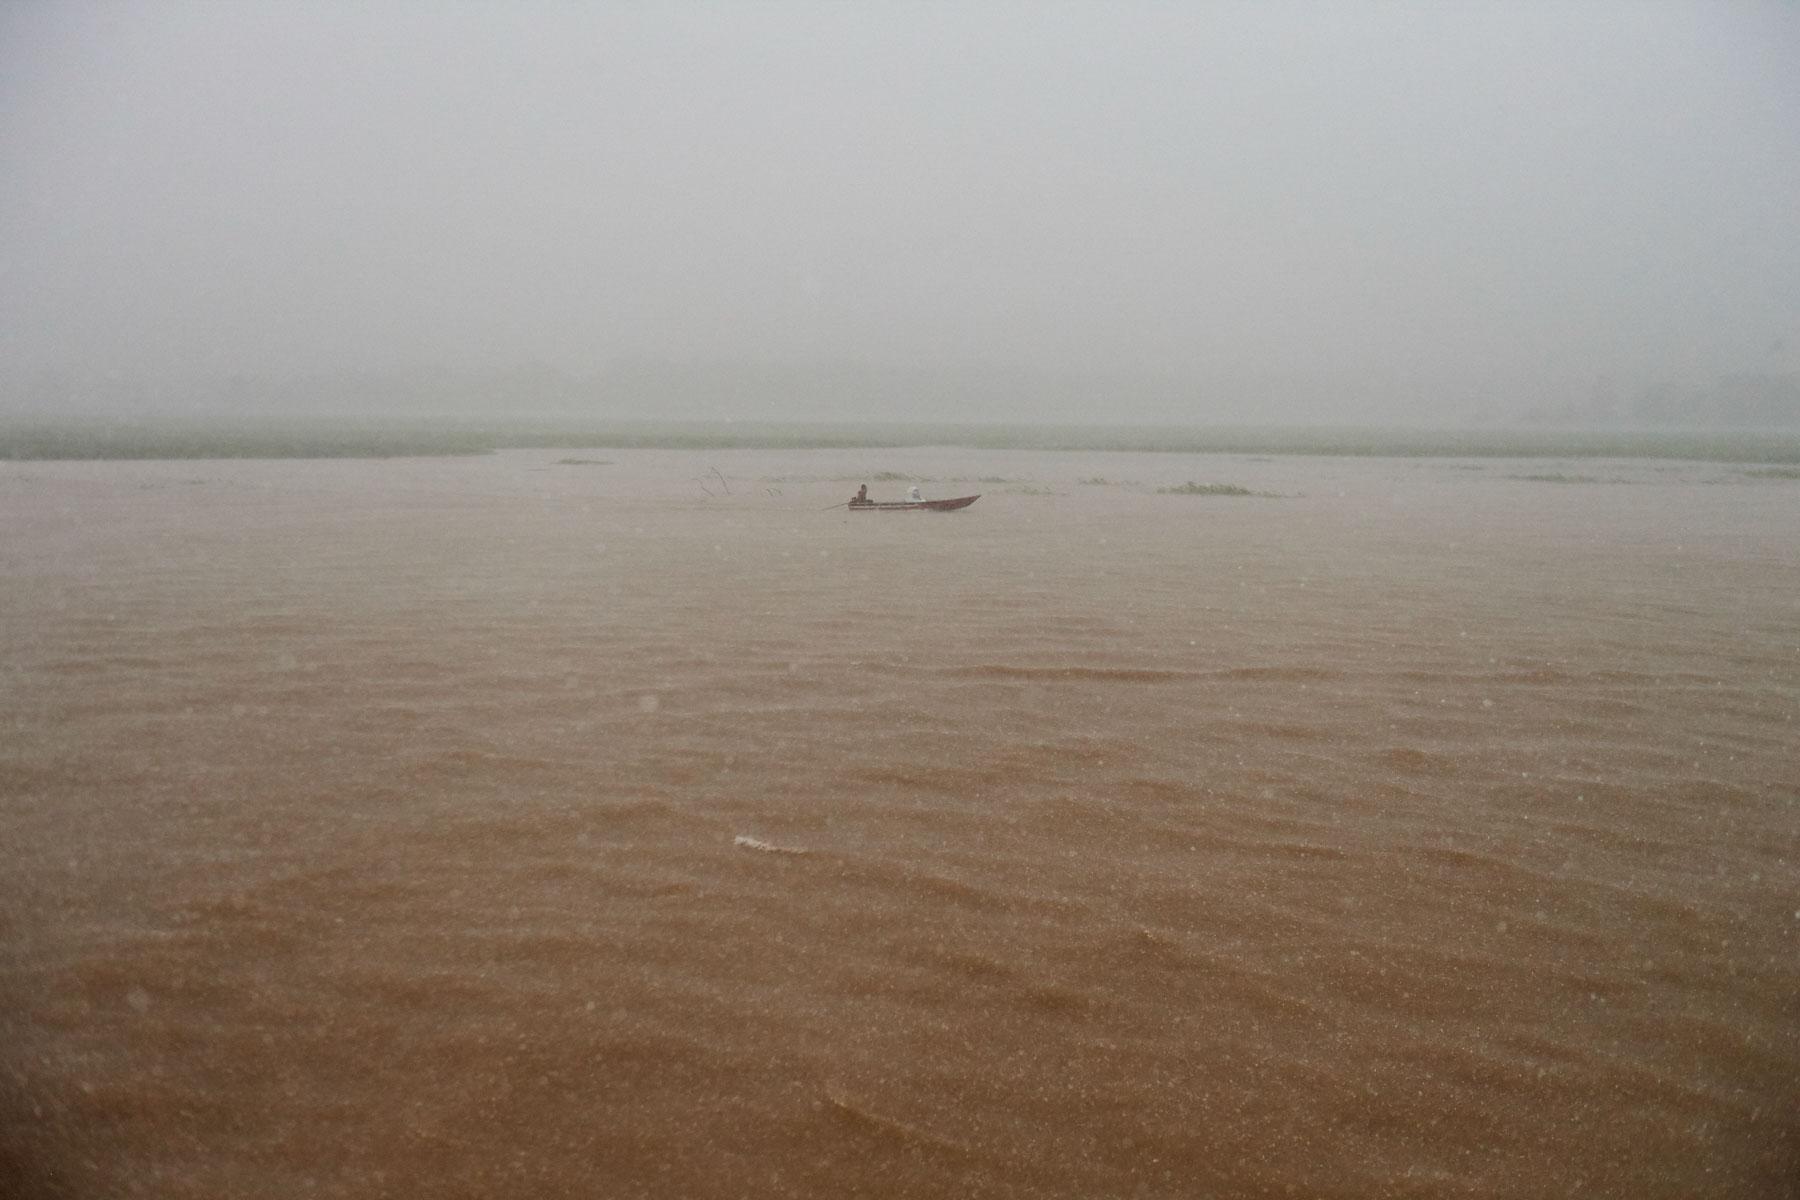 Foto zeigt die braune Flusslandschaft mit Boot des Rio Negro bei schwerem Regenschauer